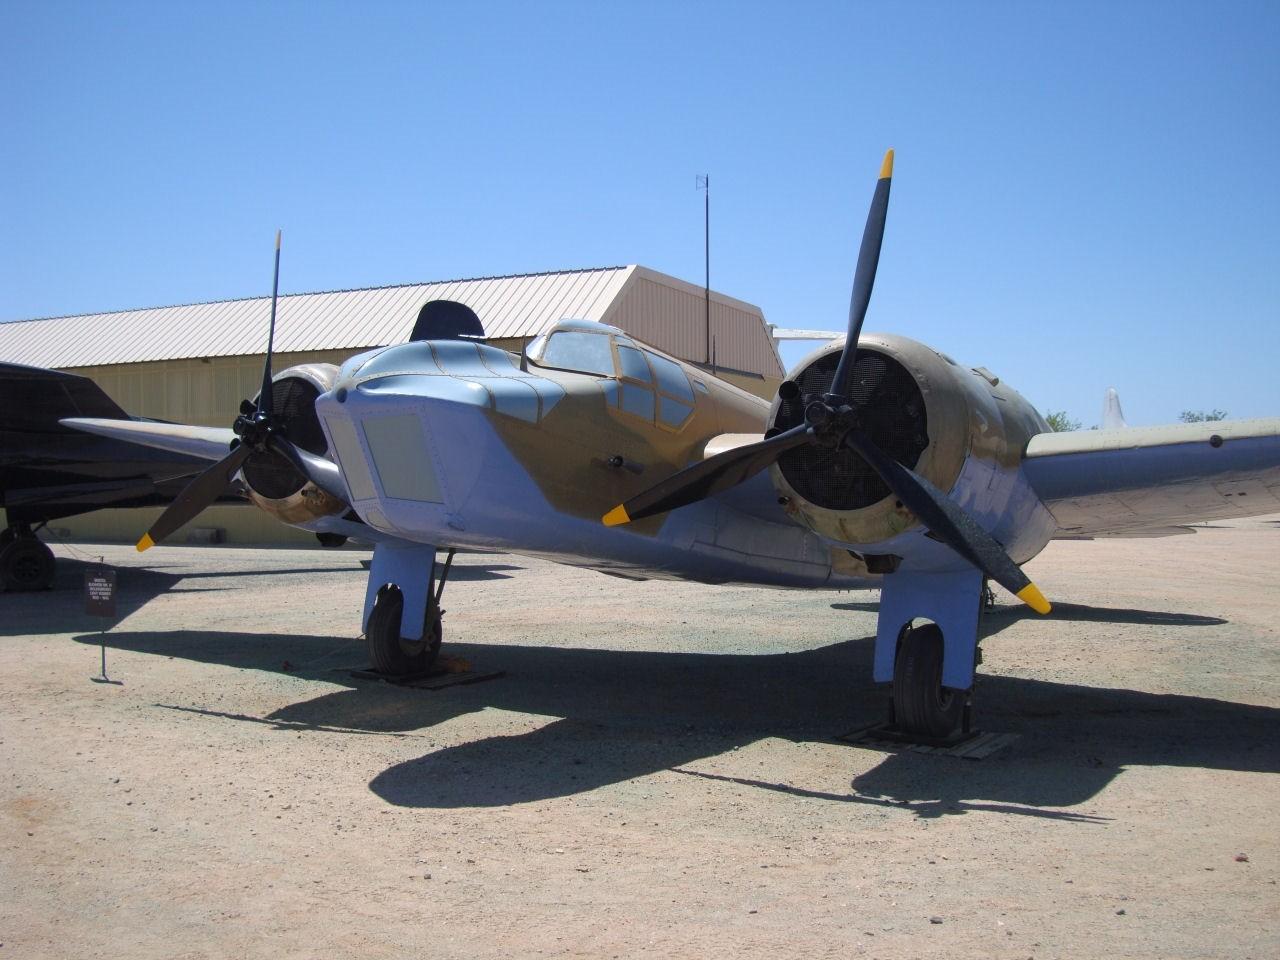 Bristol Blenheim Mk IV - Walk Around